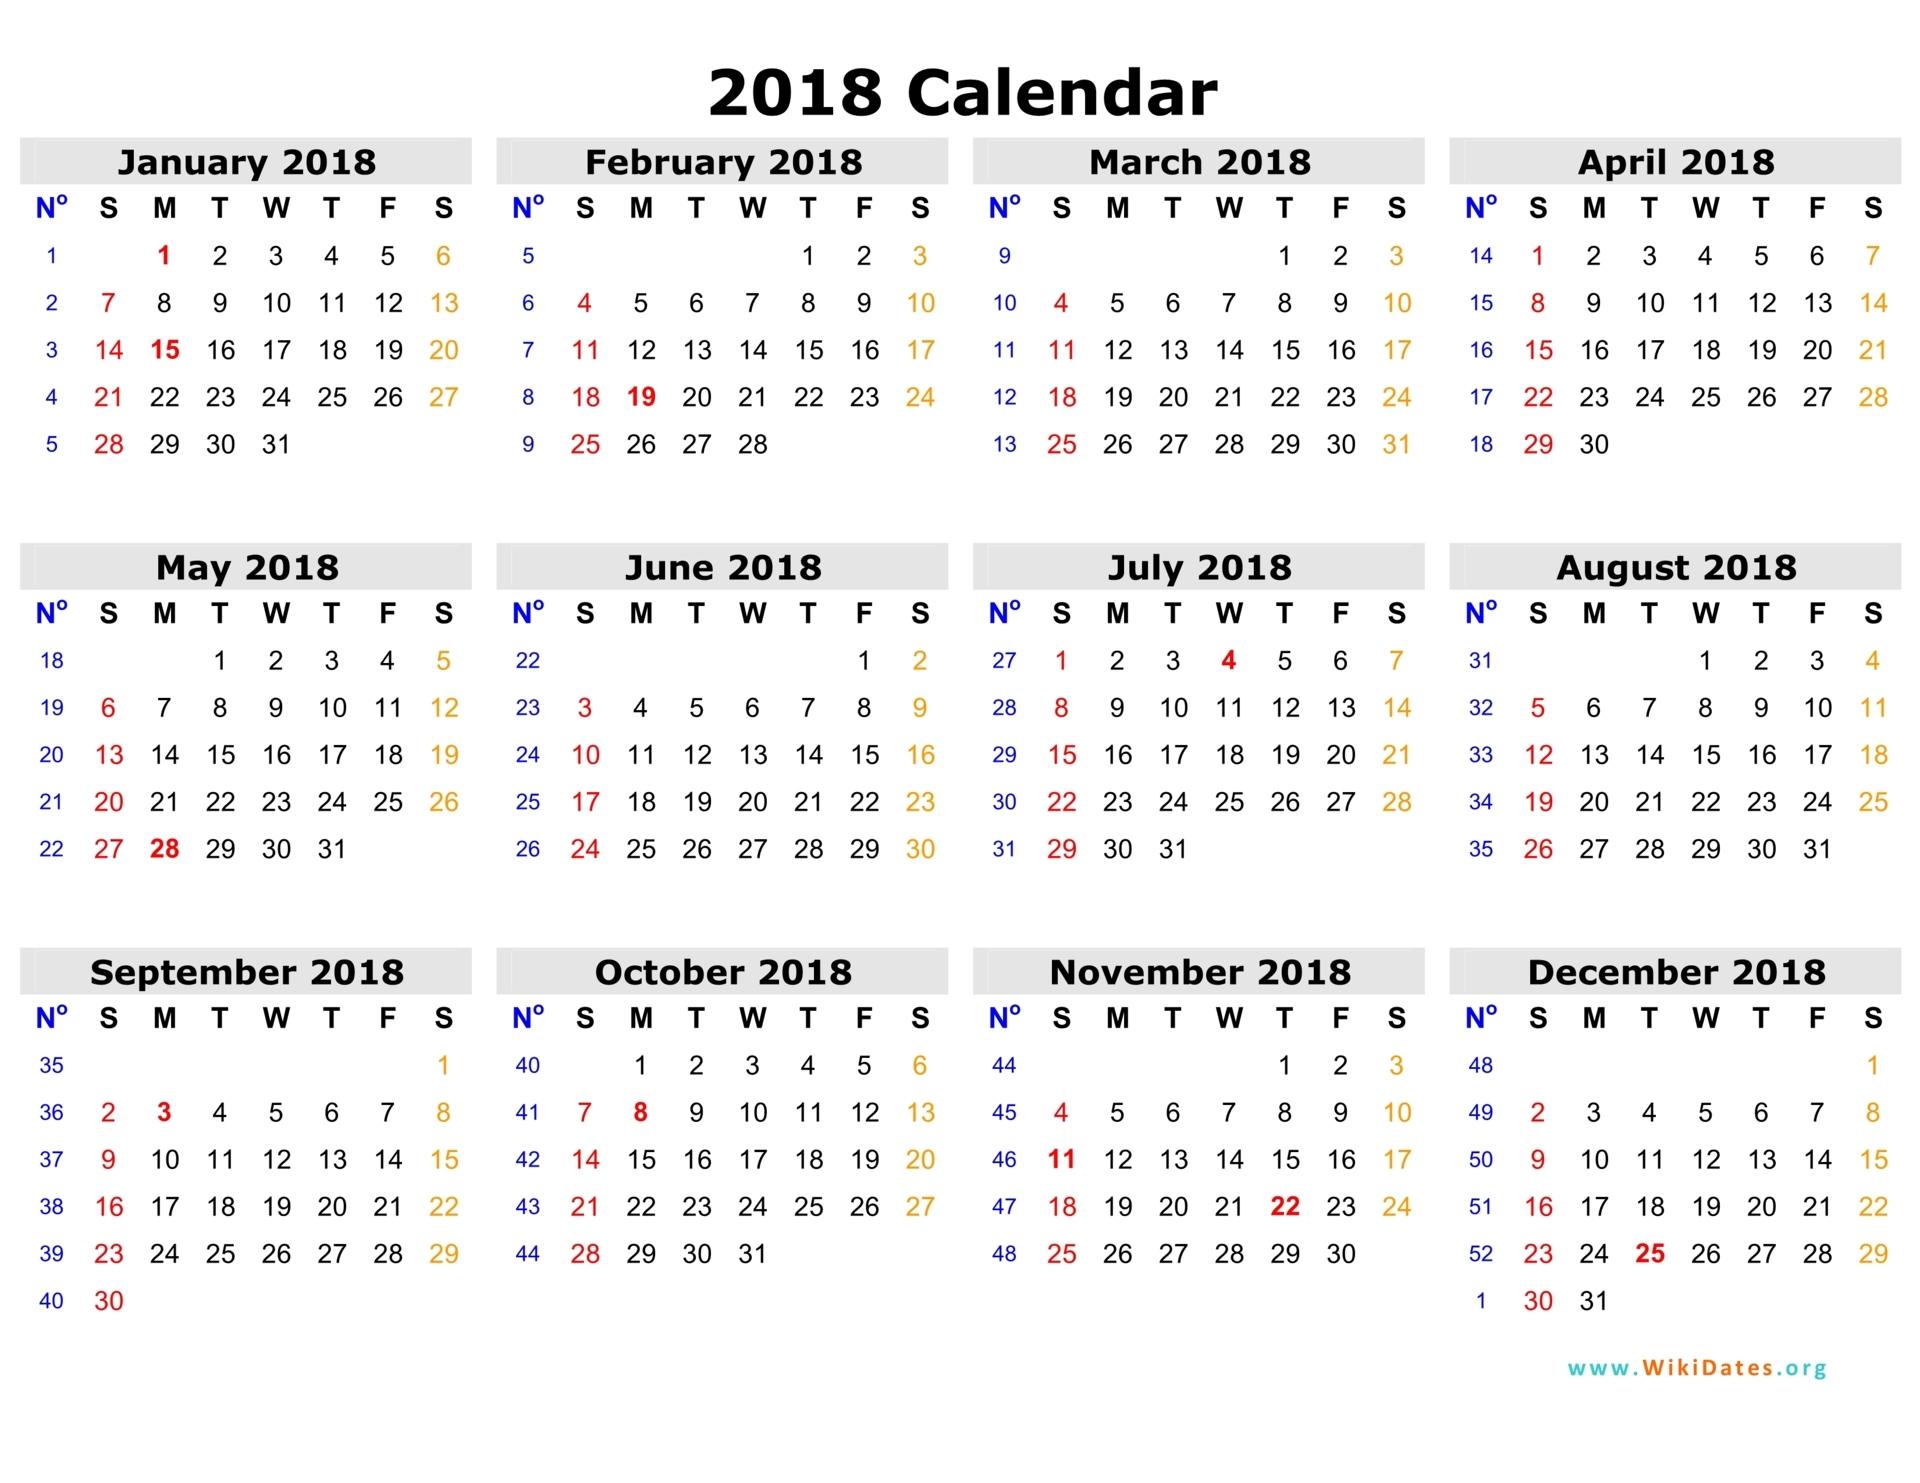 2018 calnedar